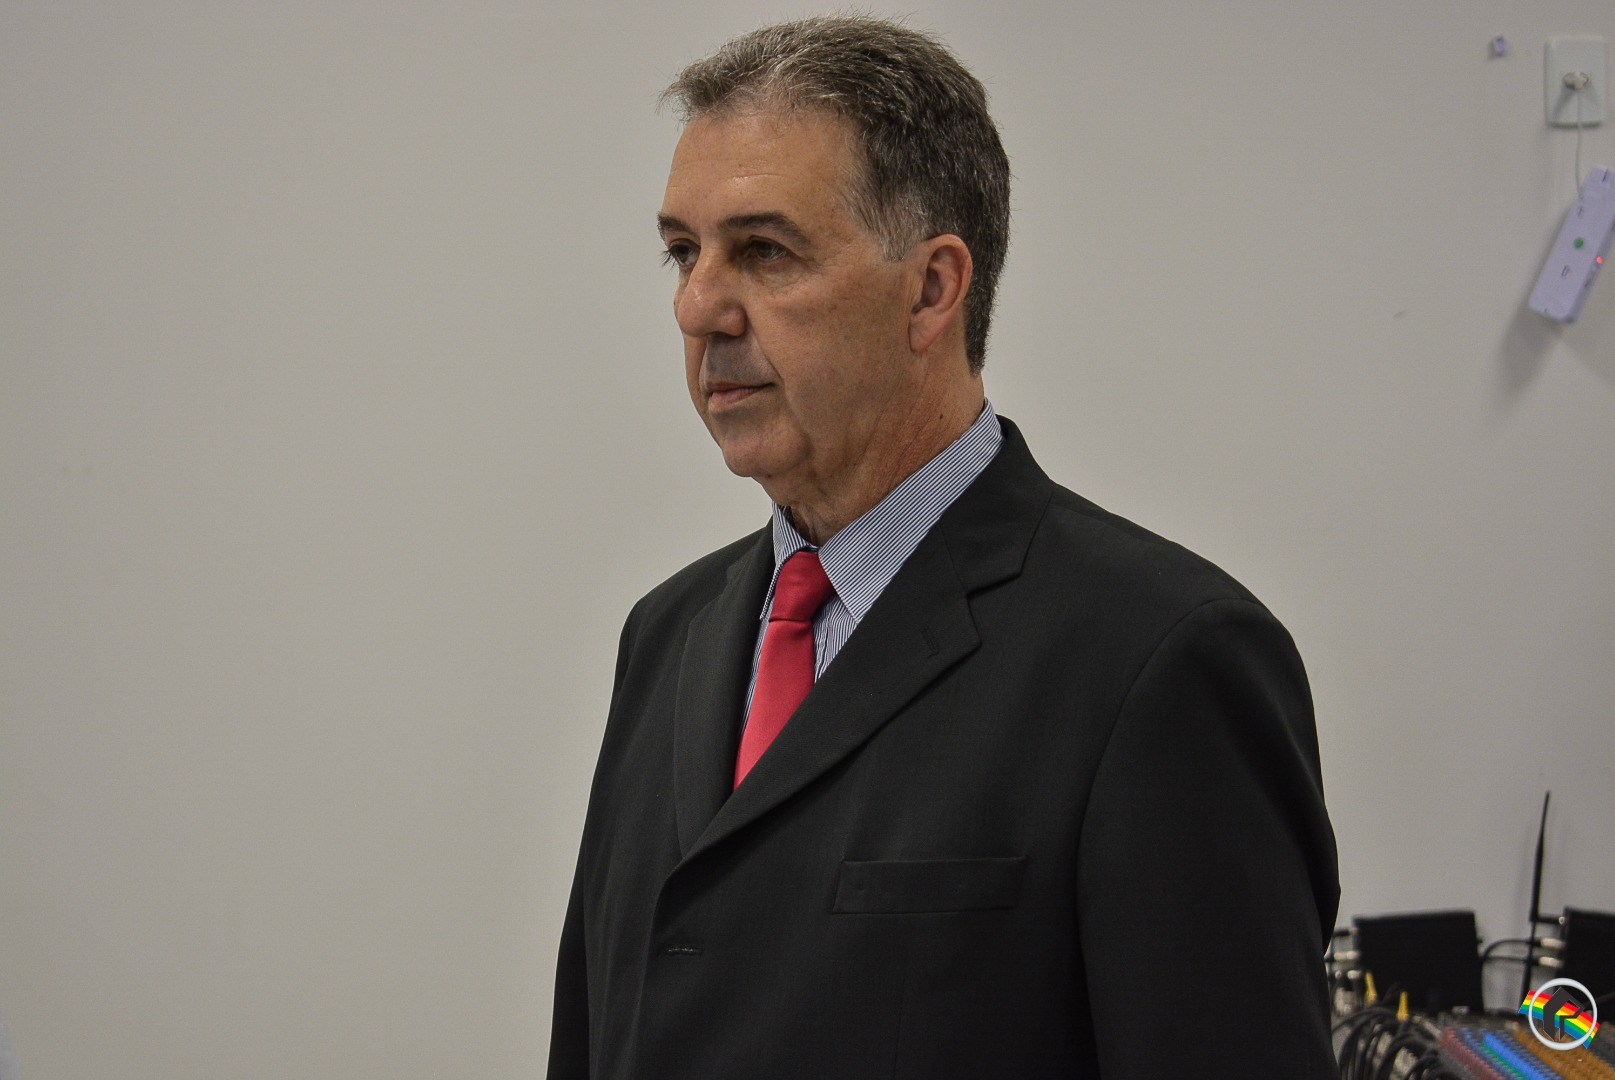 Prefeito Wilson Trevisan participa da primeira sessão do ano no legislativo e protocola projetos